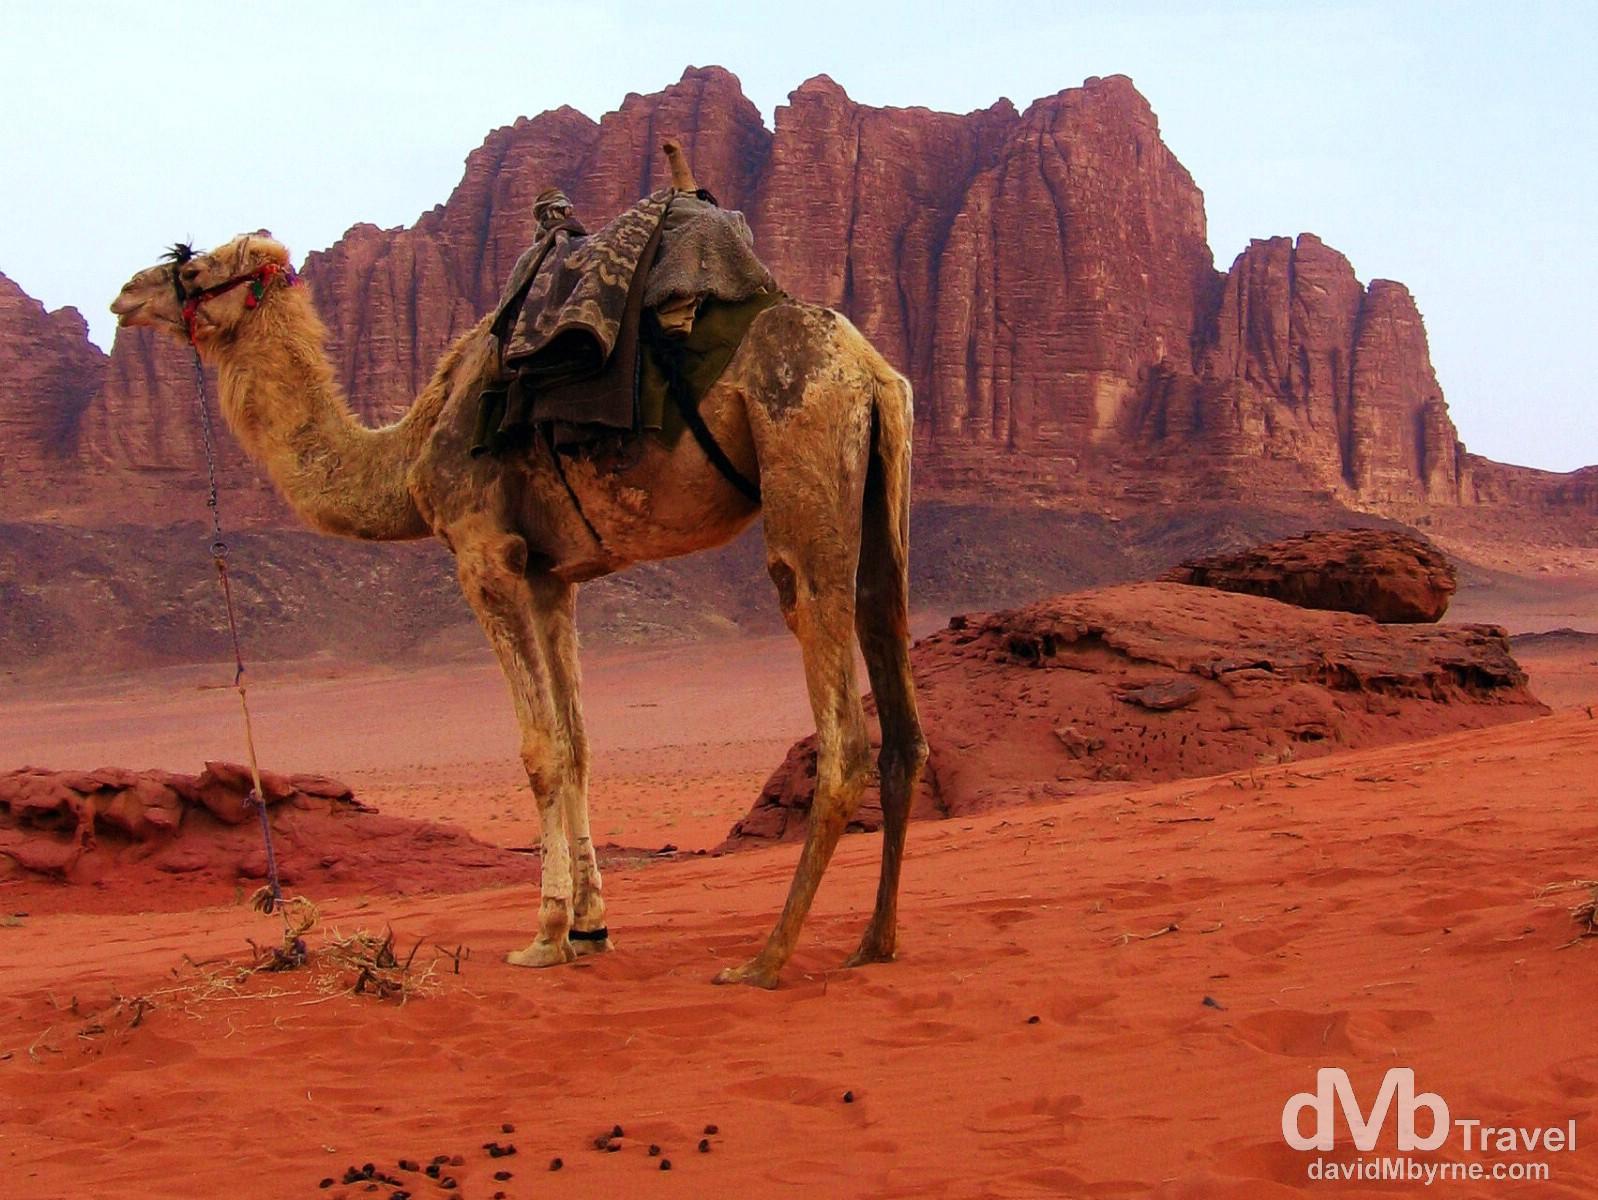 A camel in the red sands of Wadi Rum, Jordan. April 26, 2008.